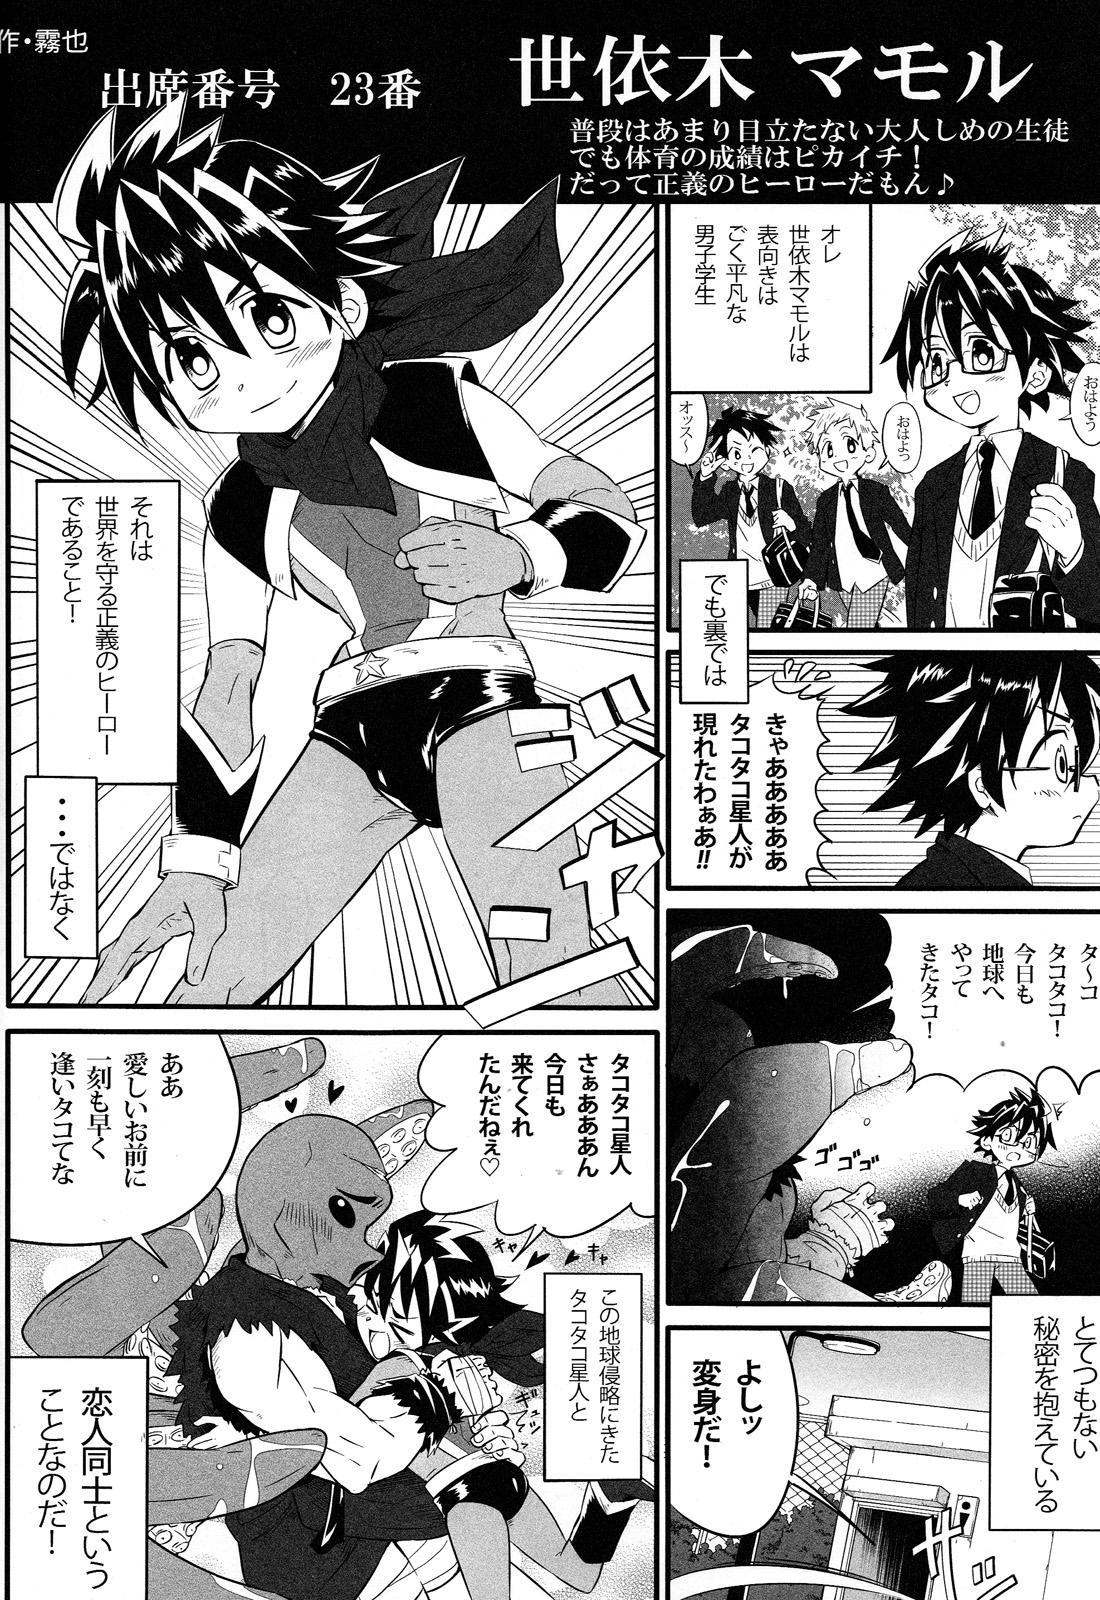 Class Marugoto SEX Meibo Anthology 49